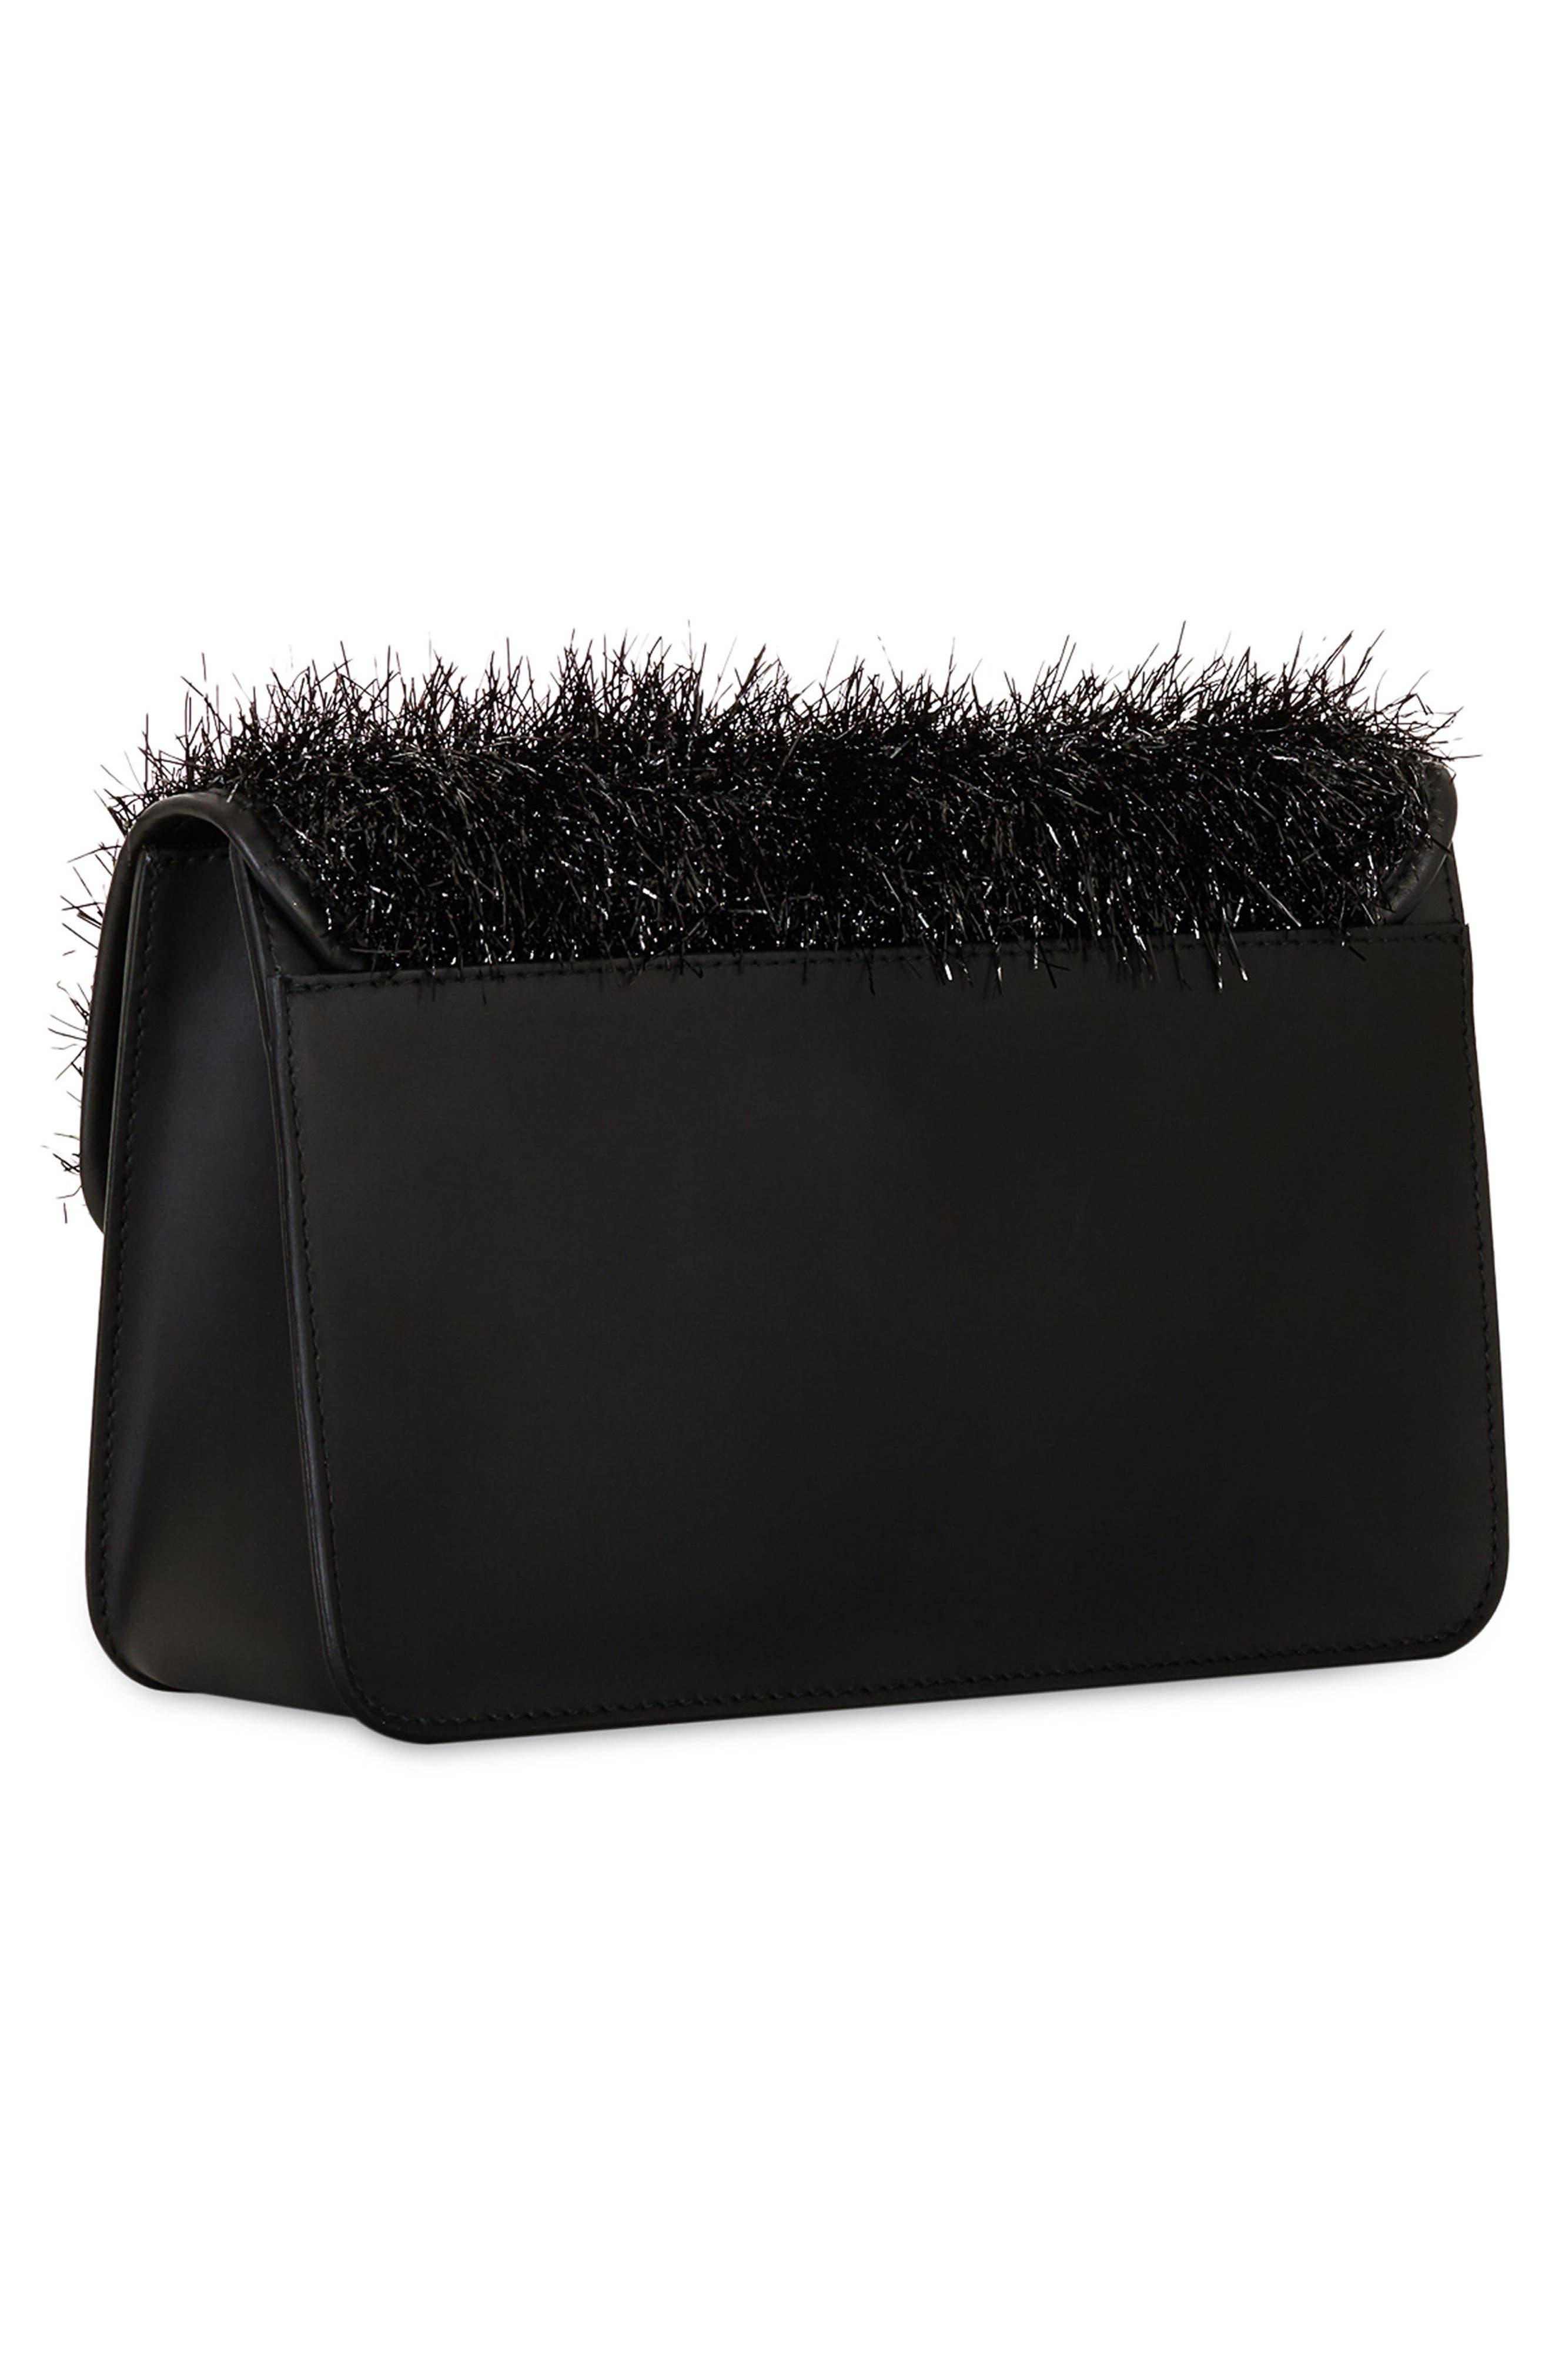 Metropolis Arabesque Leather Shoulder Bag,                             Alternate thumbnail 3, color,                             Onyx